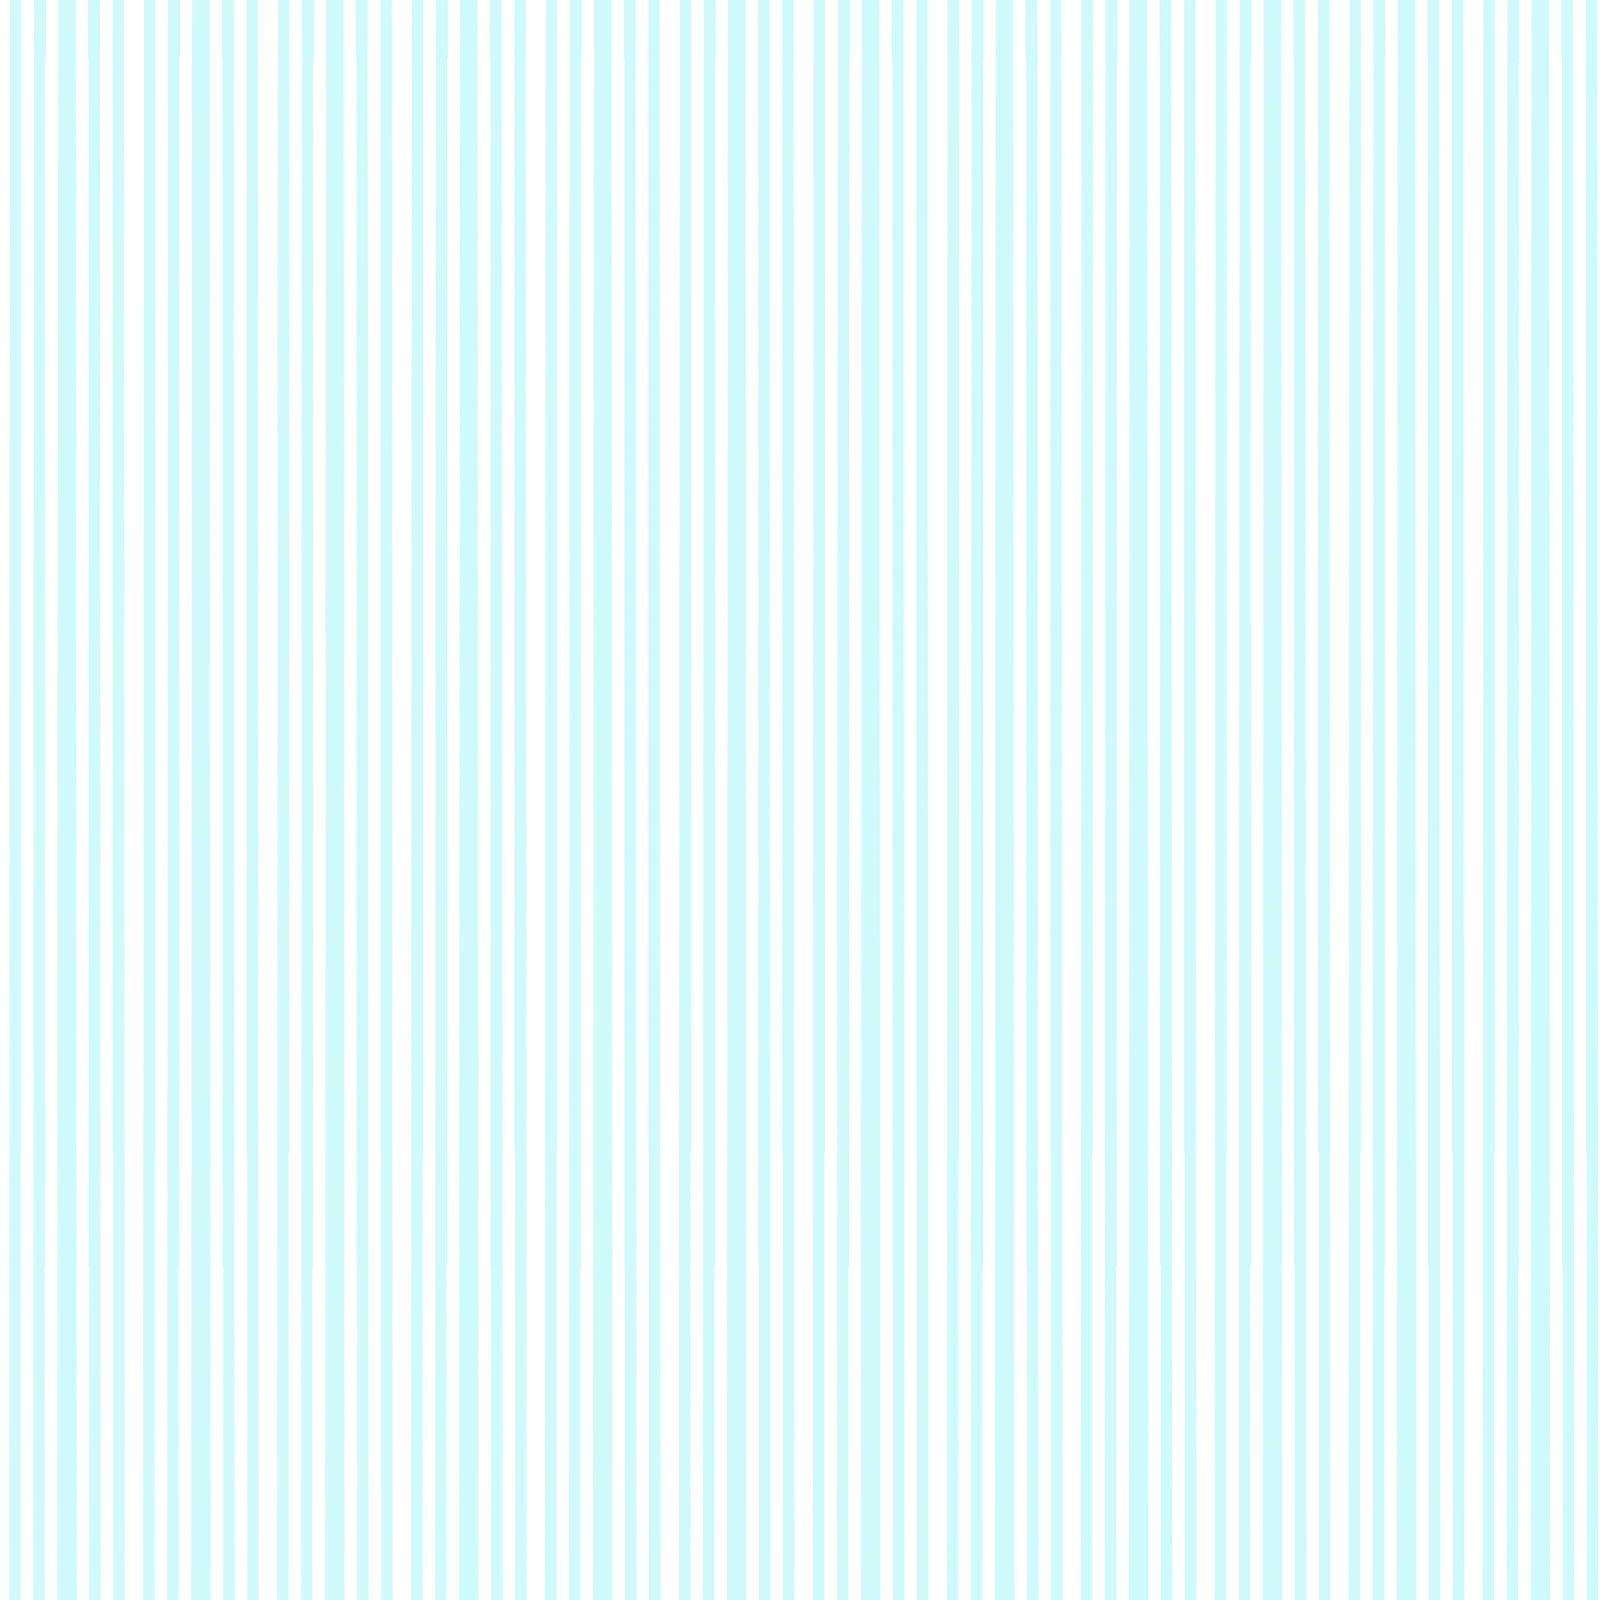 white plastic stripes wallpaper - photo #24